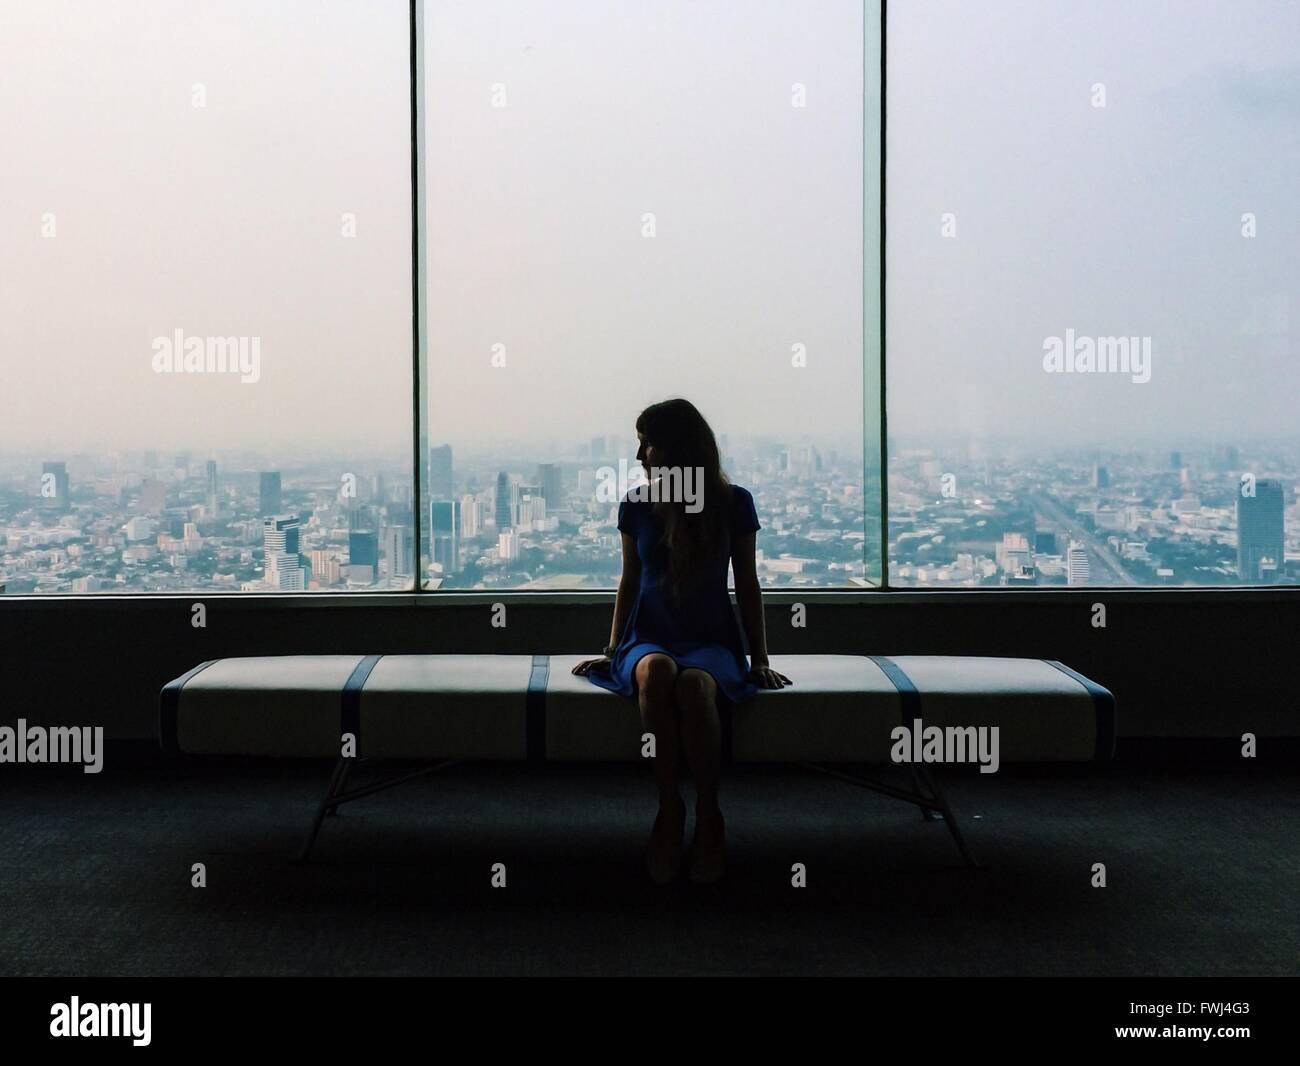 Giovane donna in vestito blu seduto sul sedile contro il vetro della finestra in città Immagini Stock